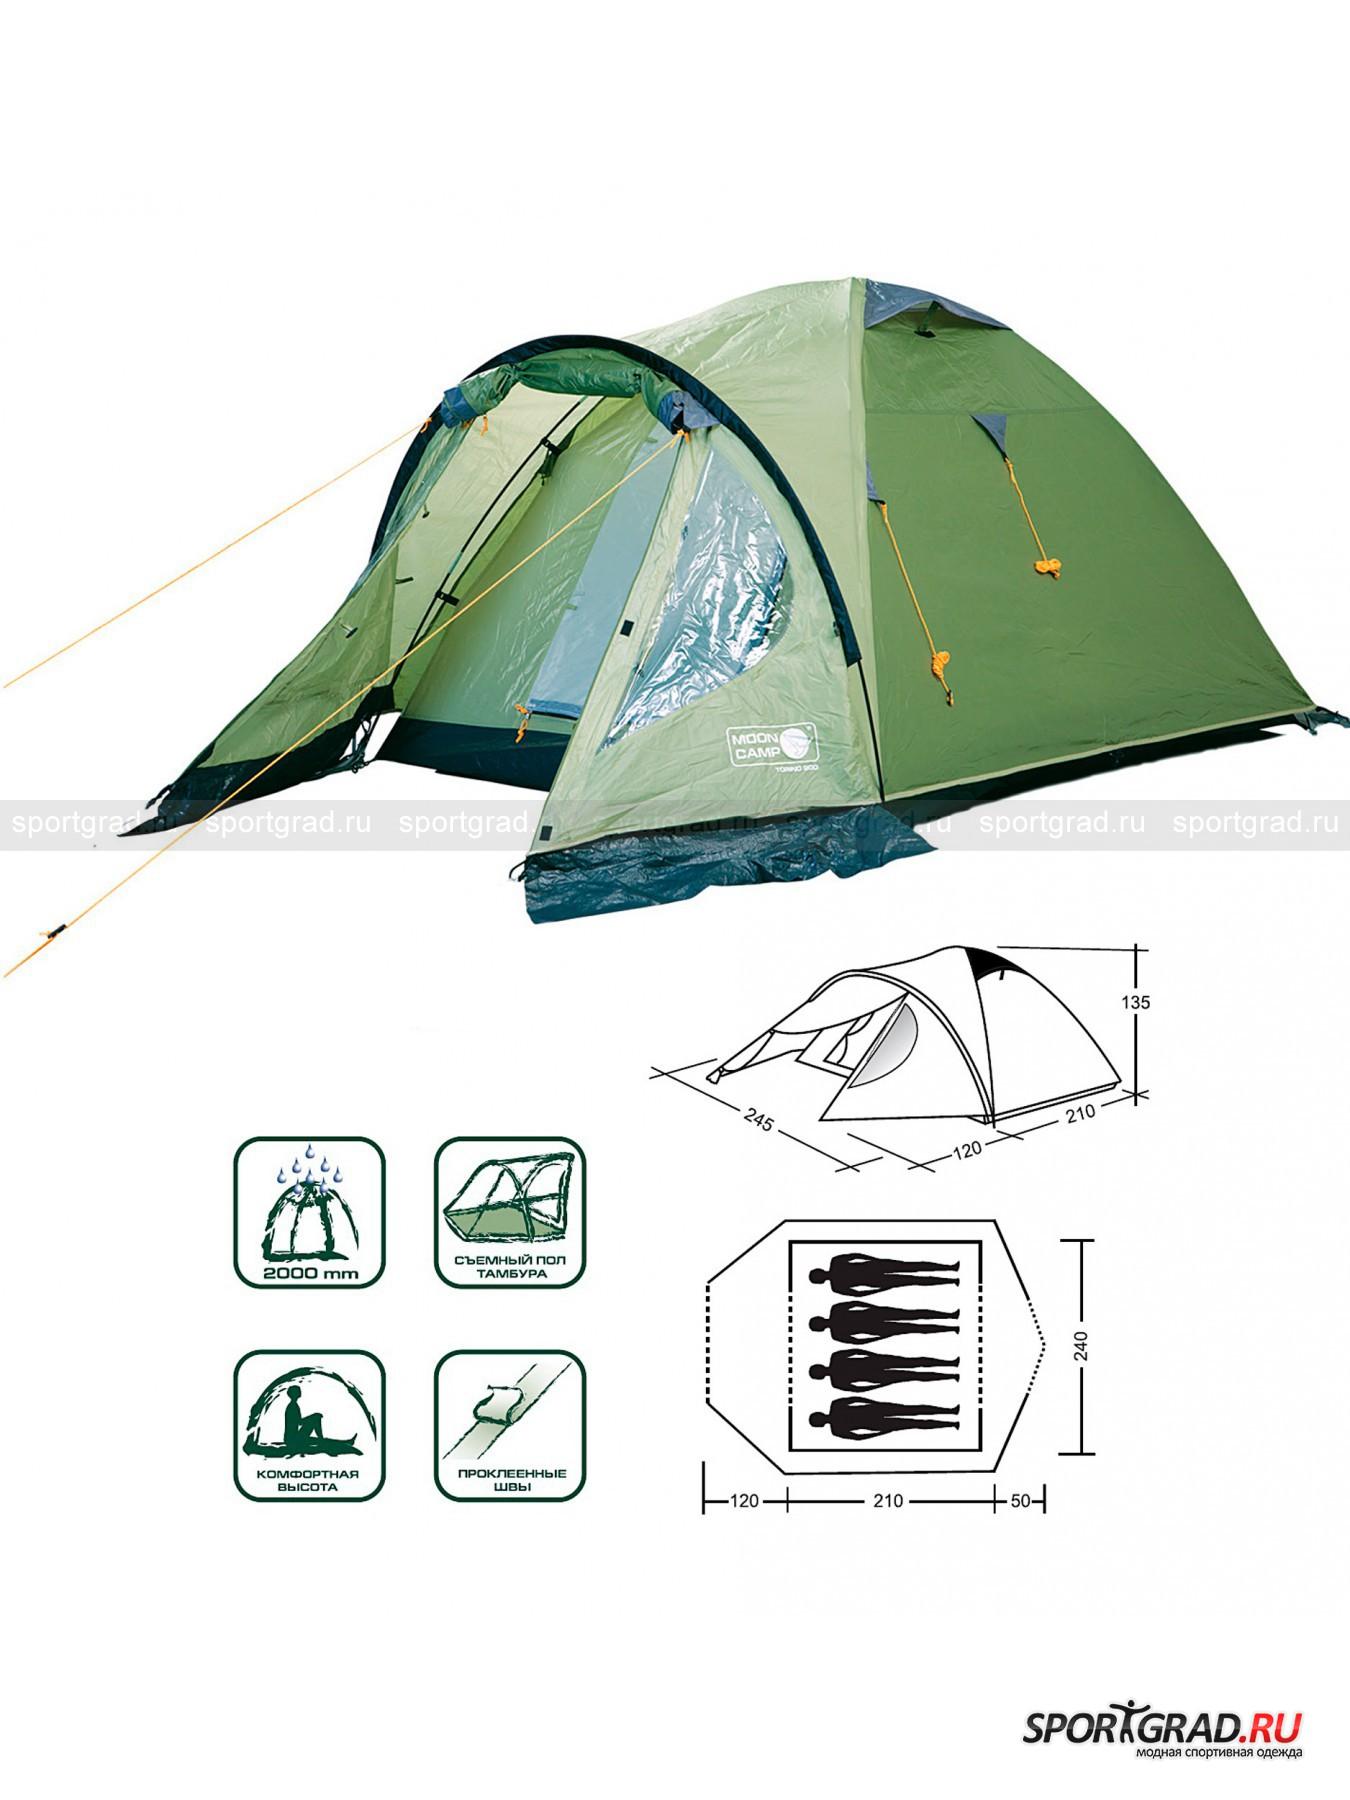 Палатка Torino 400 MOON CAMPПалатки<br>Универсальная туристская палатка с двумя входами и двумя тамбурами, передний тамбур вместительный с окнами, грязезащитной юбкой и съемным полом из полиэтилена.<br><br>Вентиляционные окна.<br>Тент: Полиэстер 185Т с полиуретановым покрытием, 2000 мм.<br>Внутренняя палатка: Дышащий полиэстер<br>Днище: Полиэтилен, 10000 мм.<br>Каркас: Фибергласс (стеклопластик), диаметр 9,5 мм.<br>Колышки: Сталь<br>Вес: 6,2 кг.<br><br>Возраст: Взрослый<br>Тип: Палатки